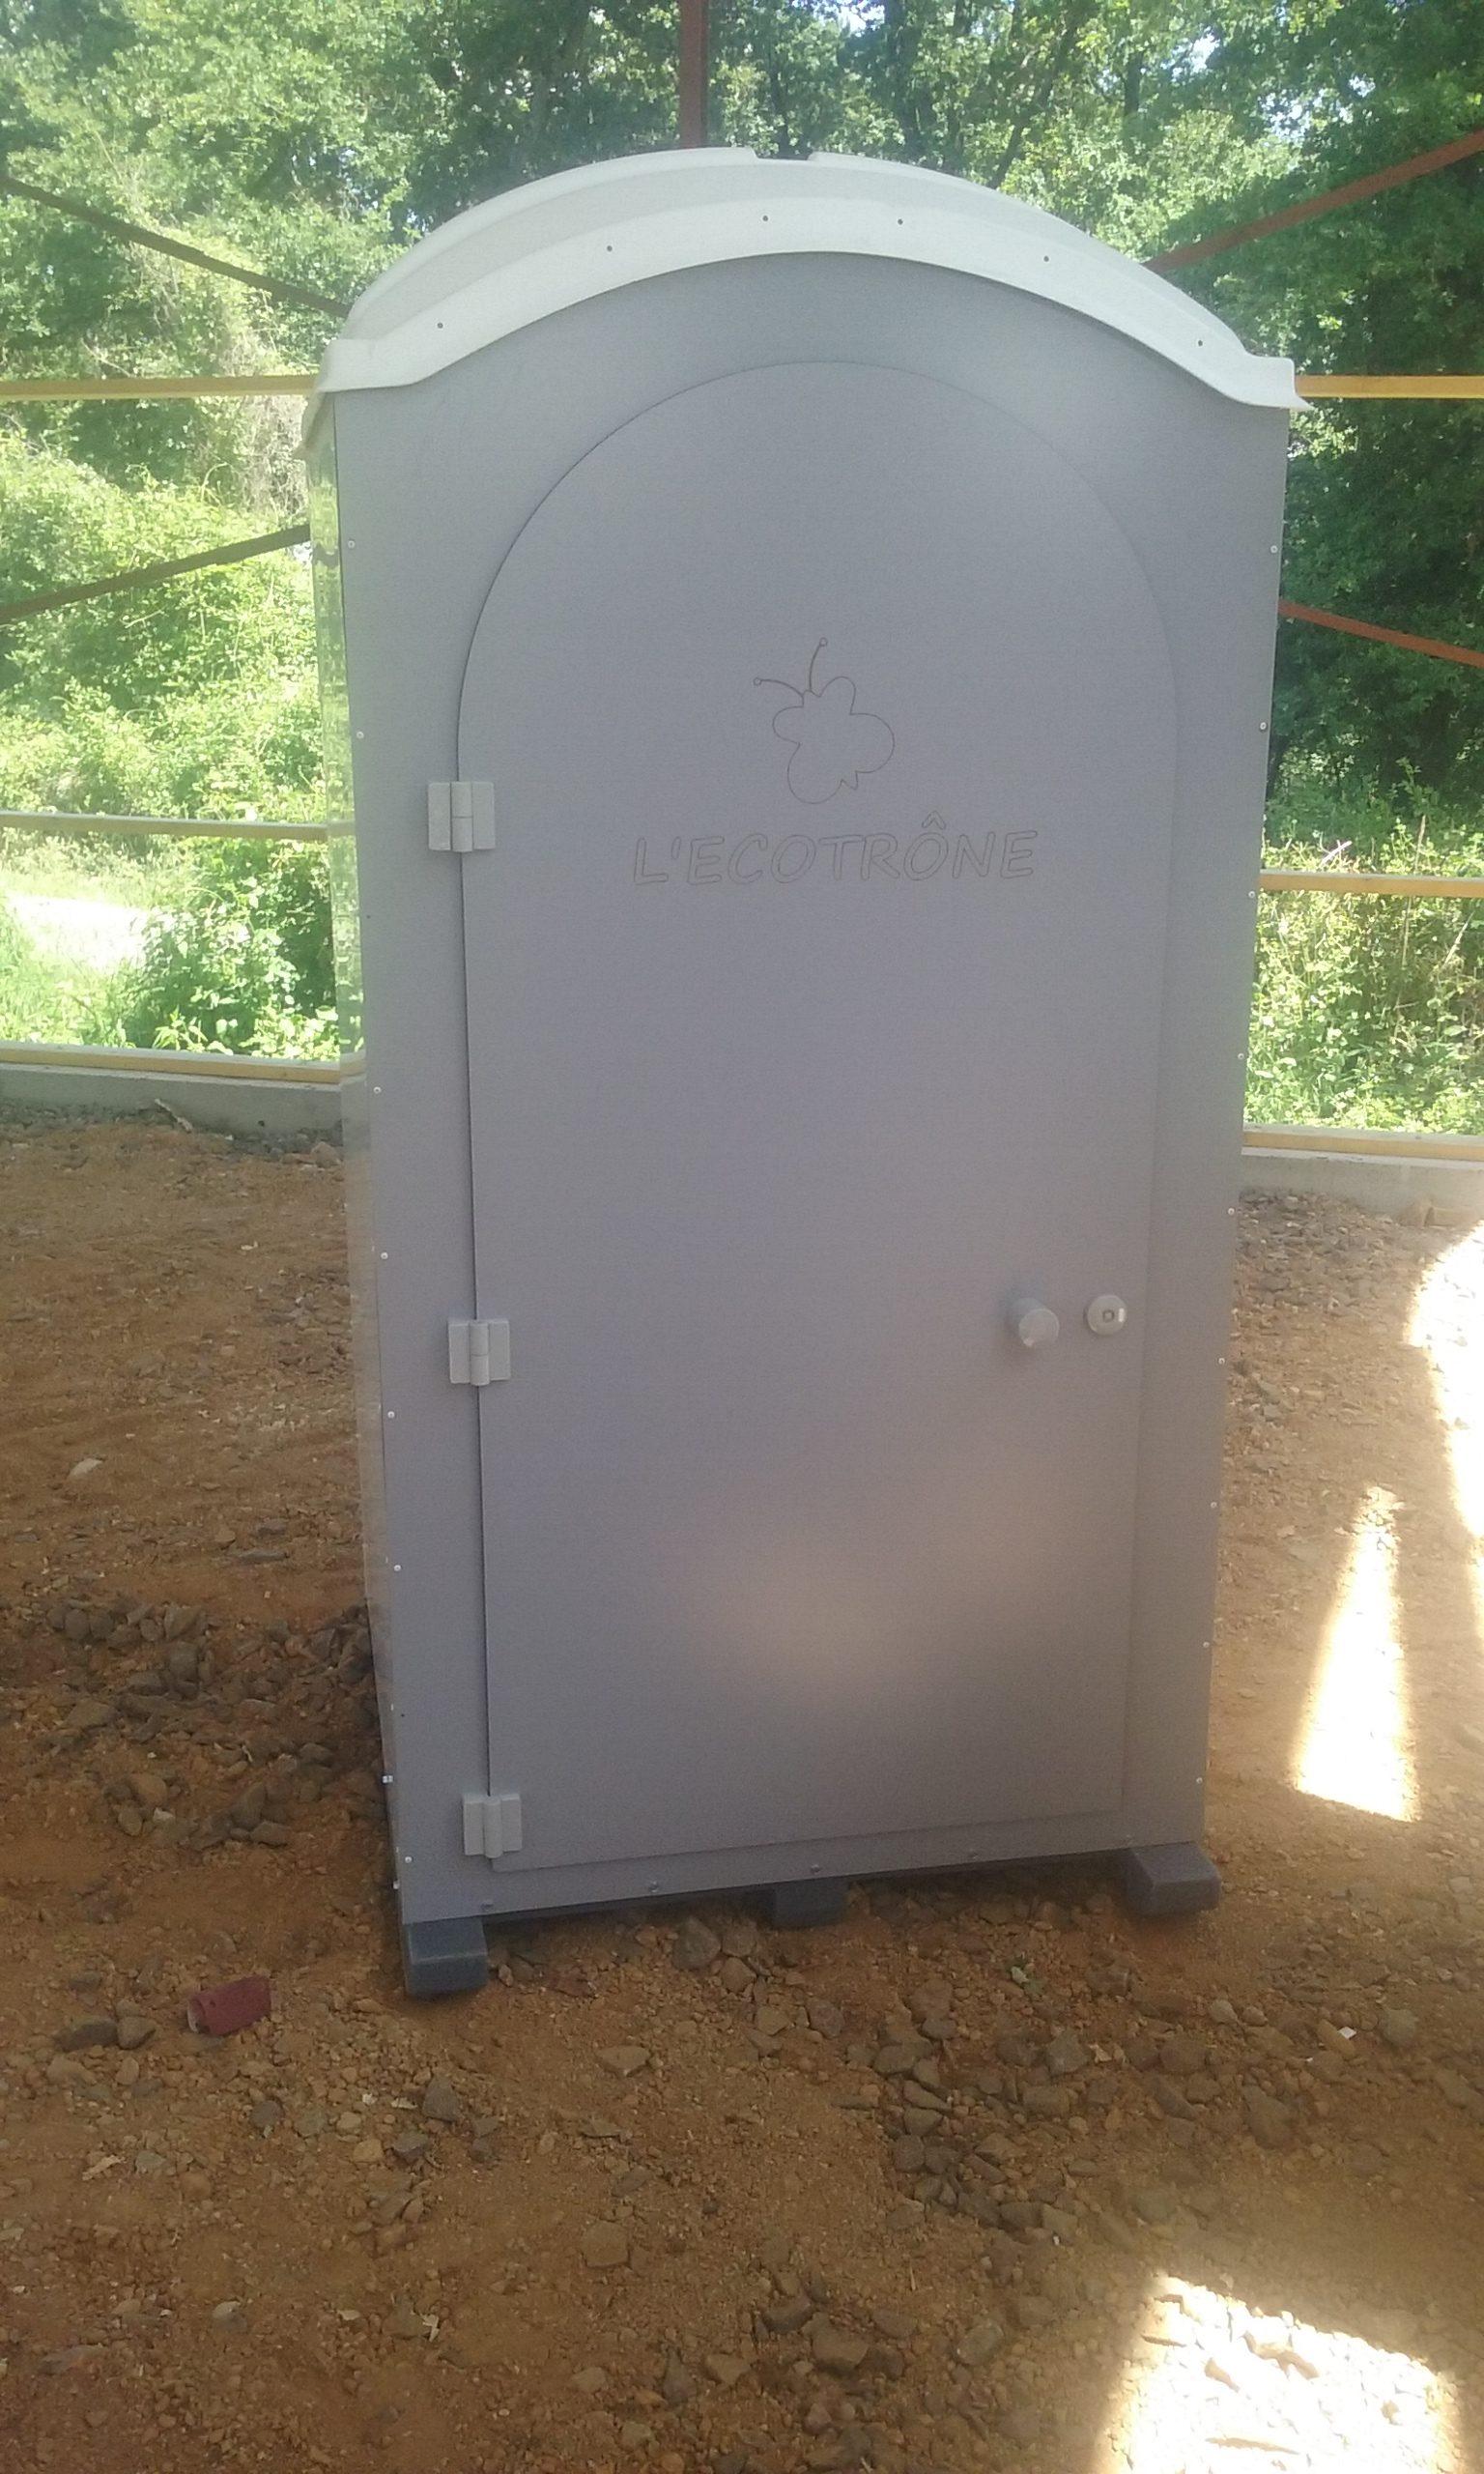 Toilettes sèches de la gamme Ecotrone de GLF, votre fournisseur de WC mobiles en location pour vos évènements